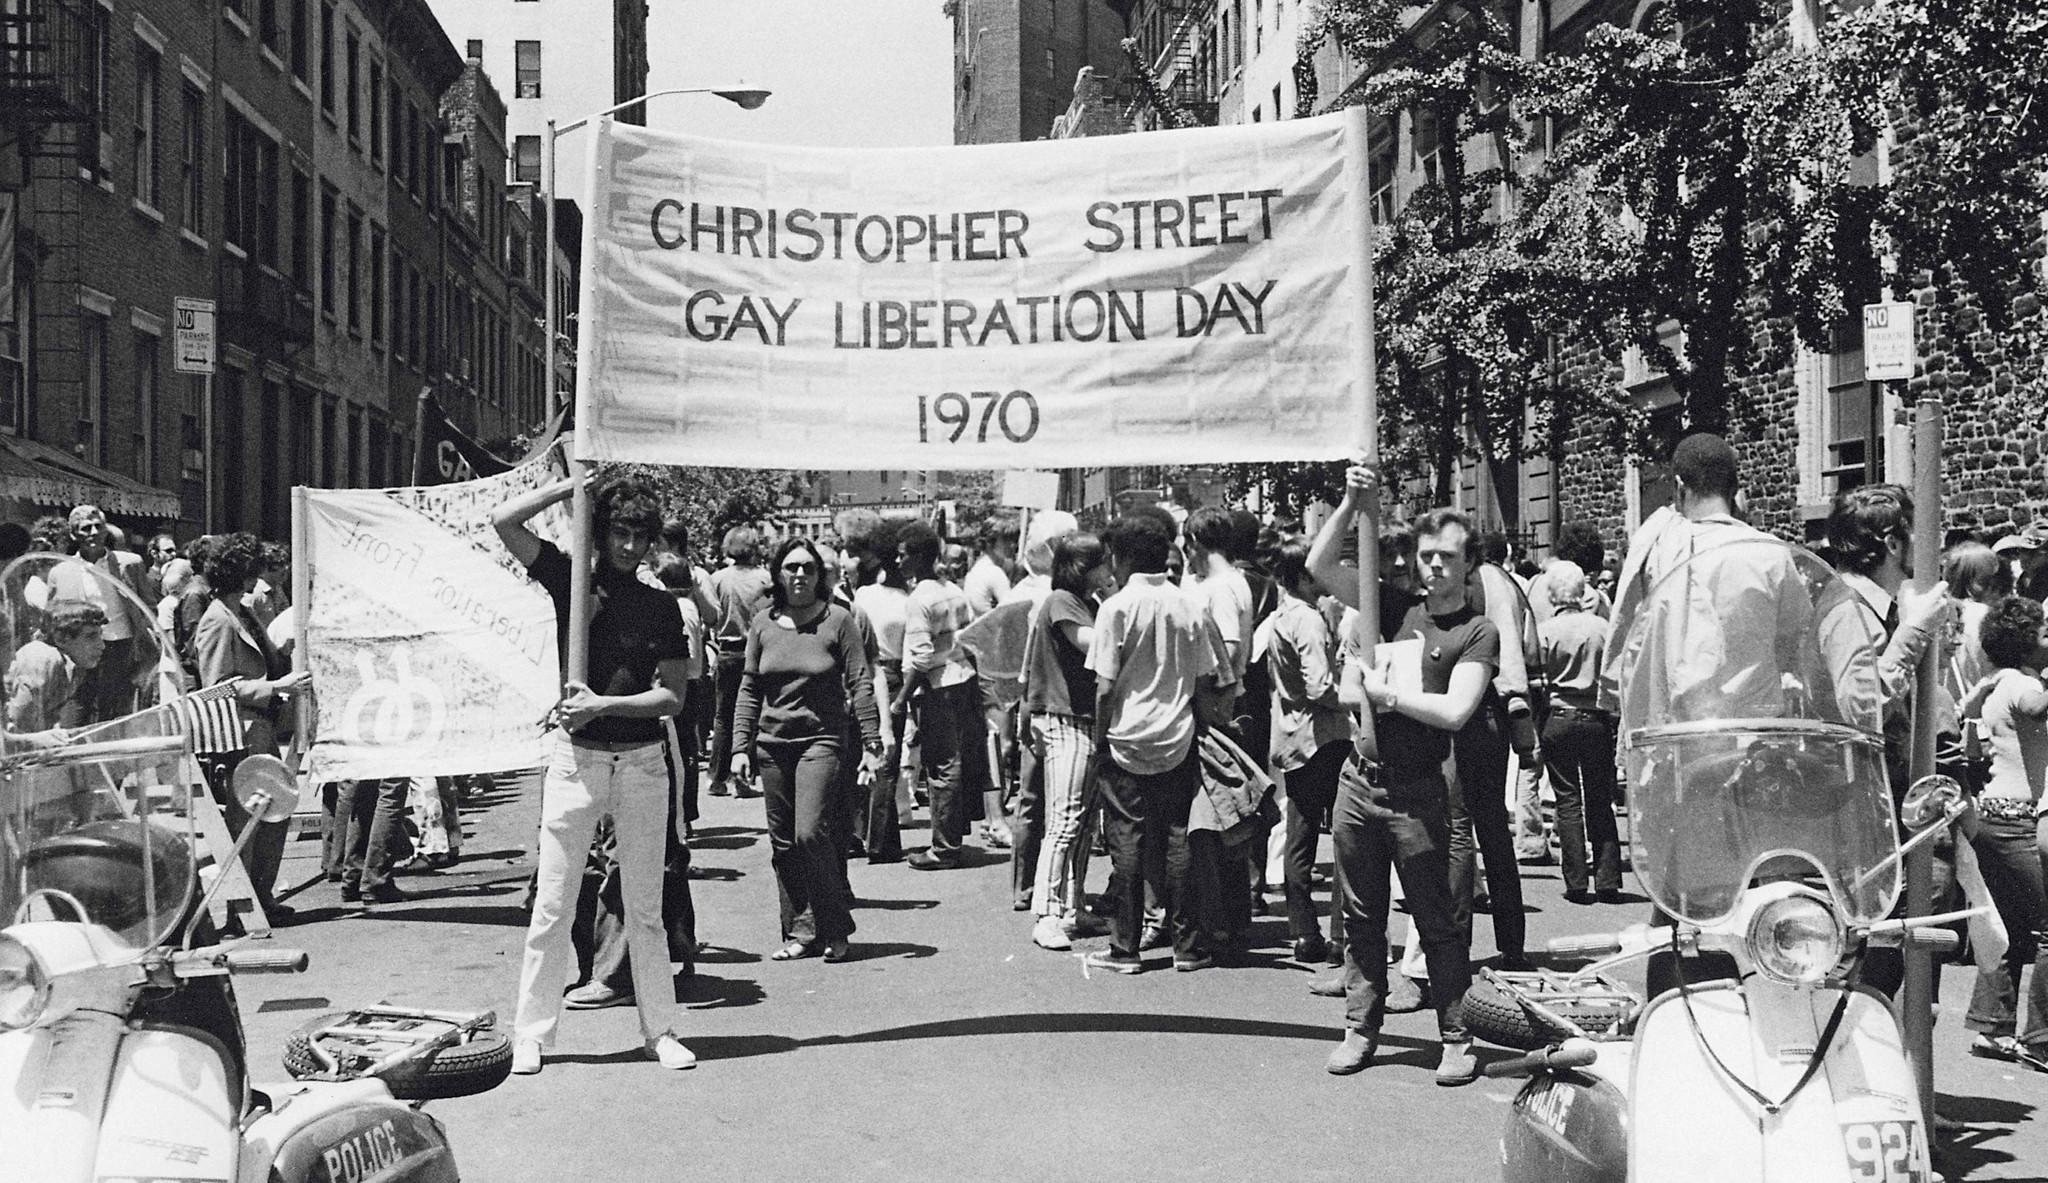 1970年6月28日首次克利斯多福街解放日遊行,成為同志遊行的開端。(時報出版提供)